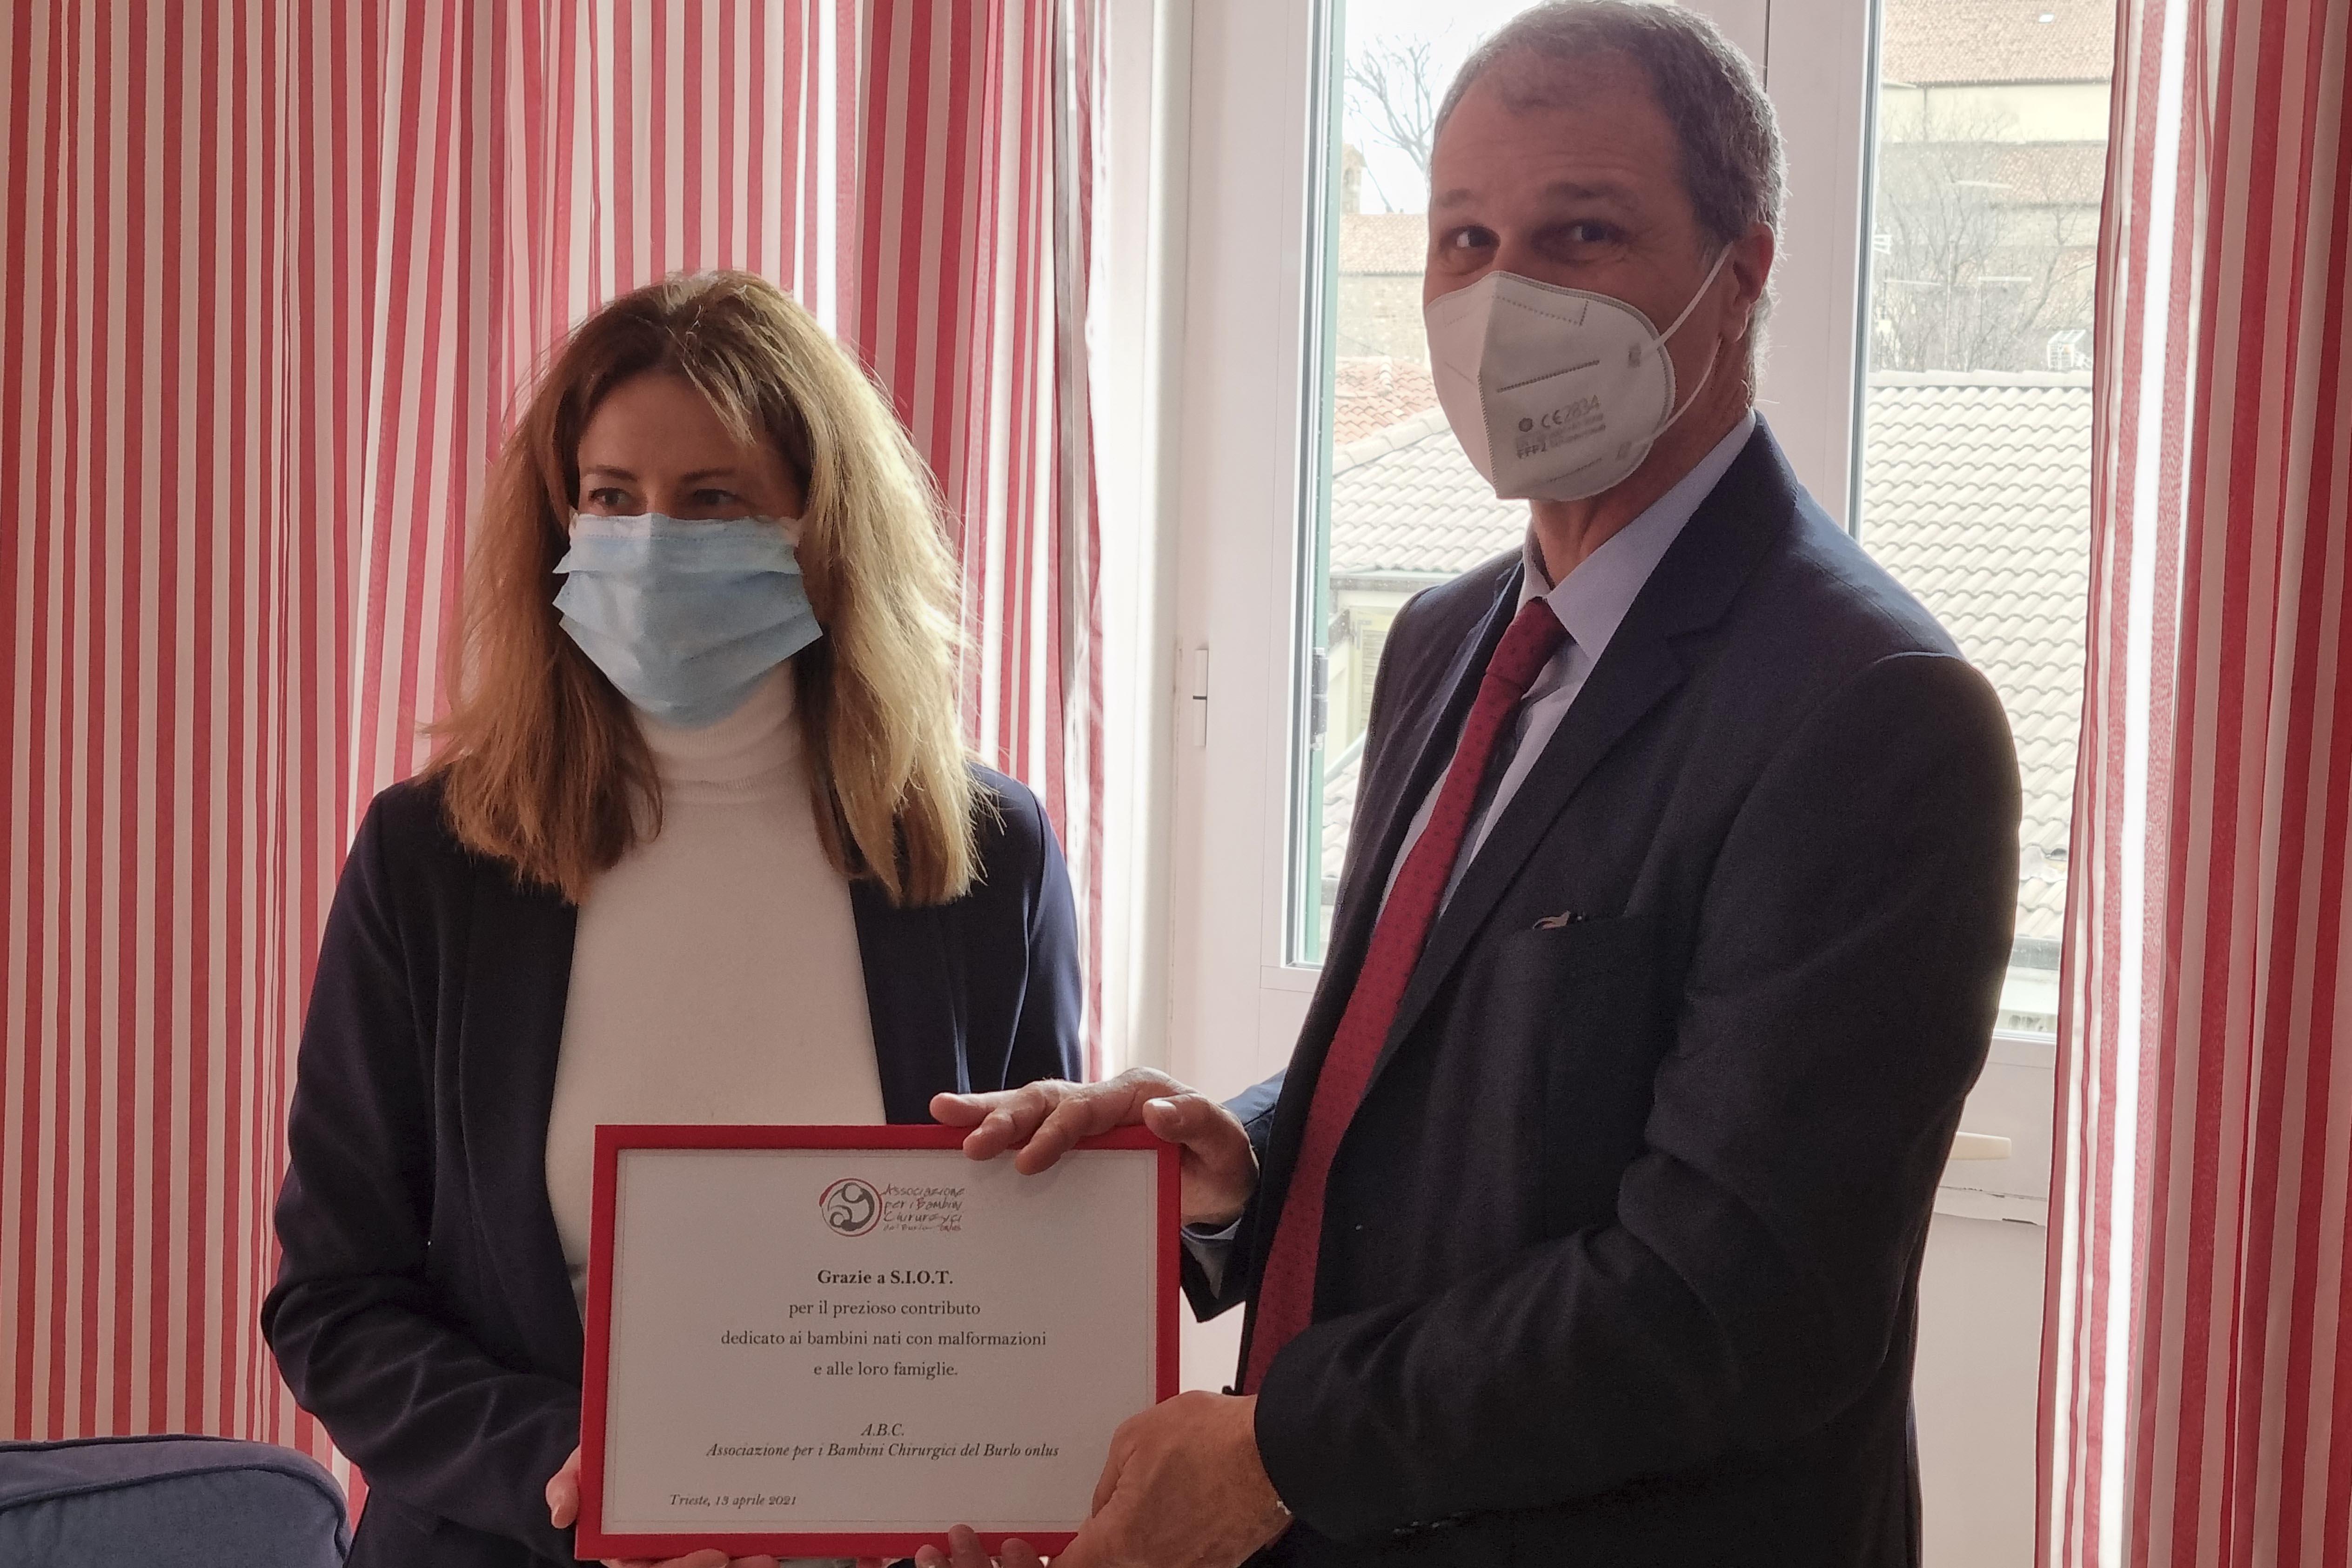 SIOT und A.B.C. spenden für das Krankenhaus Burlo Garofalo